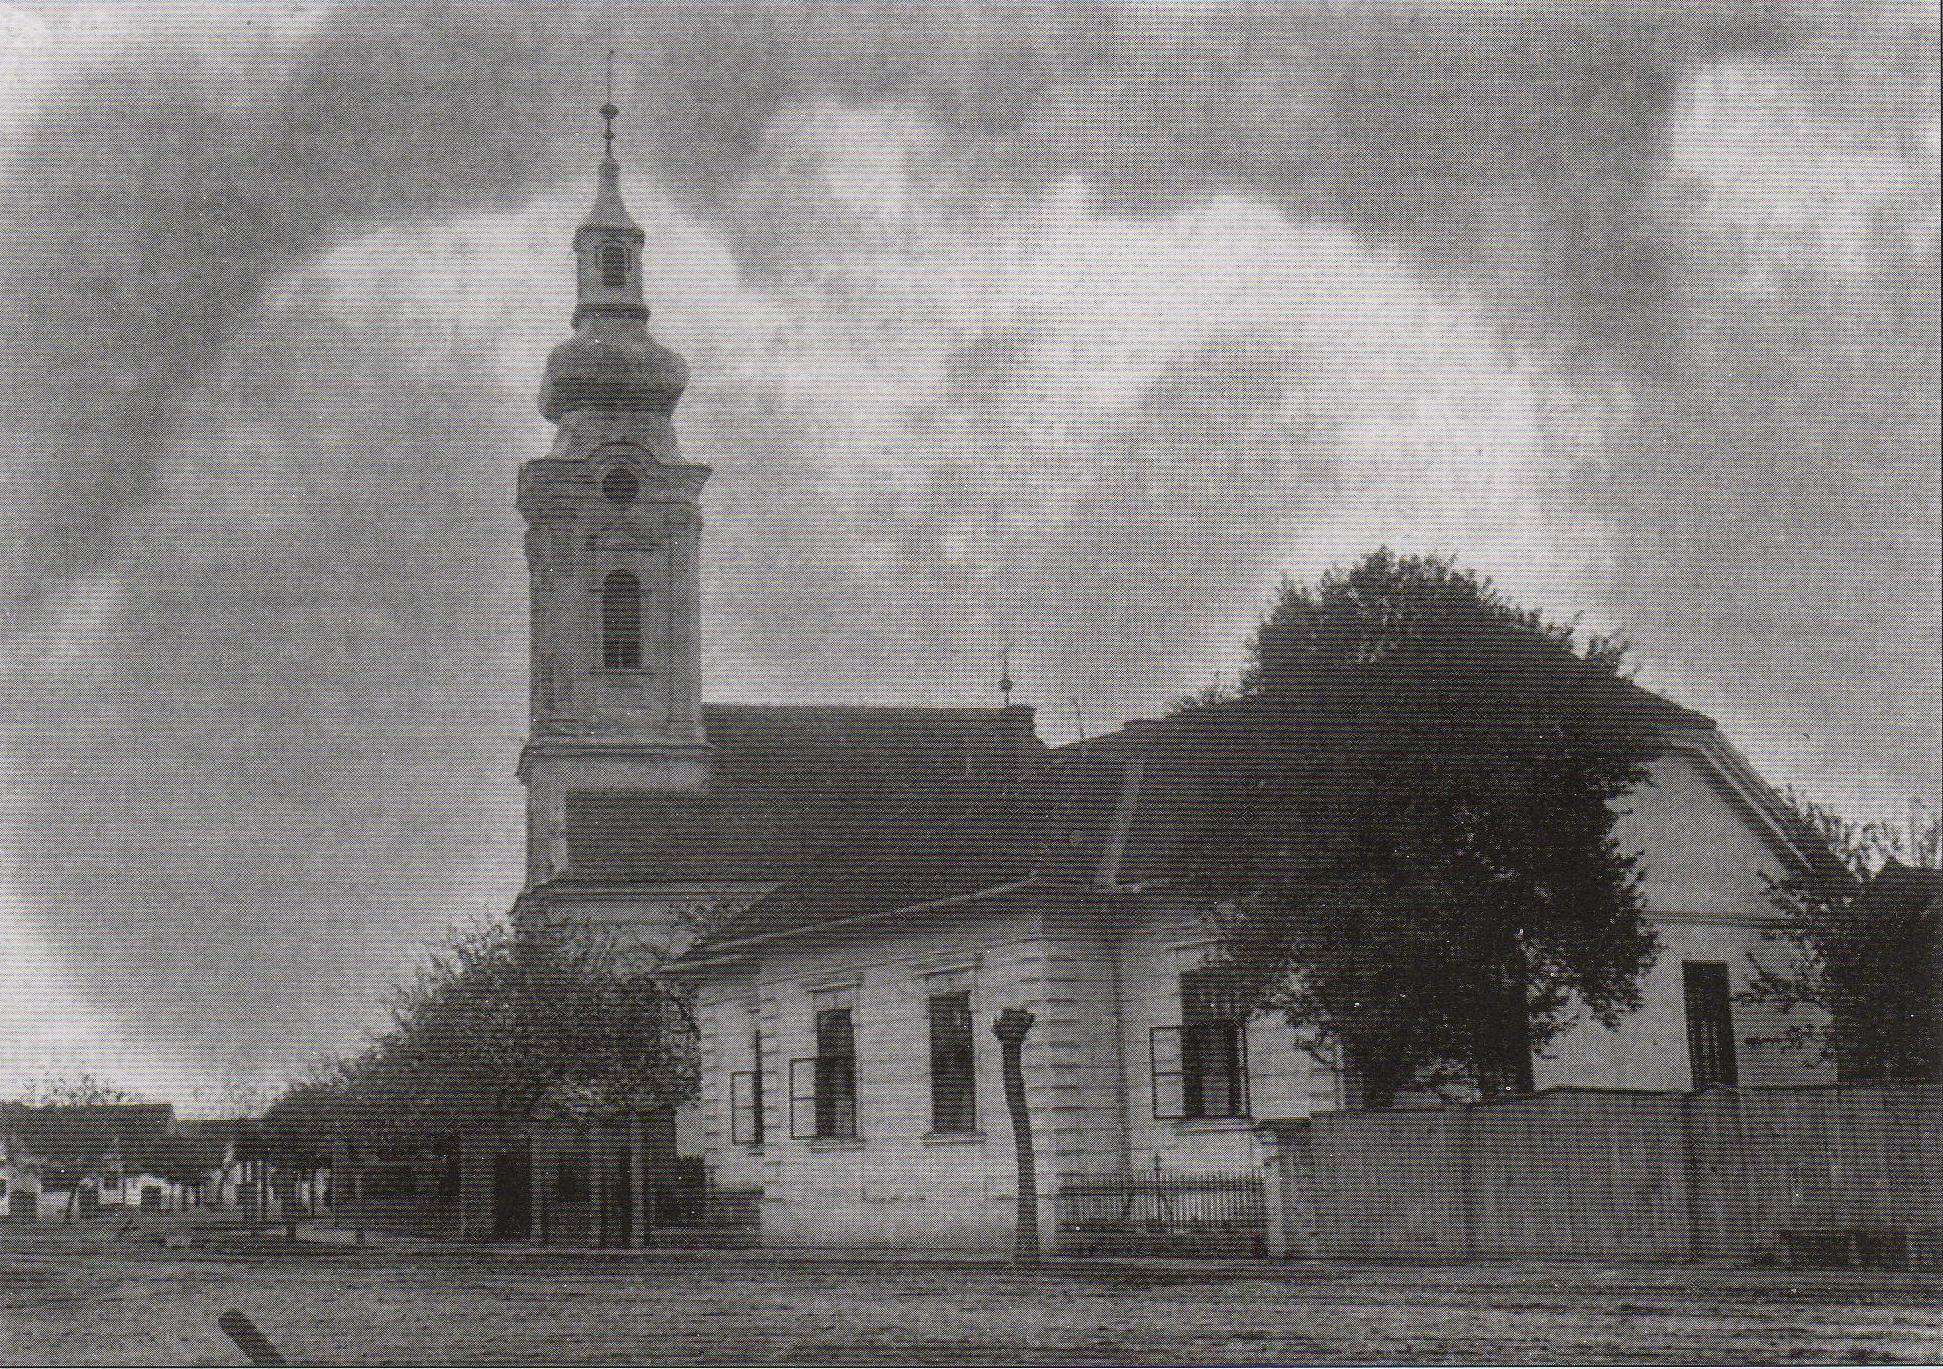 crkva_u_soljanima_1945.JPG